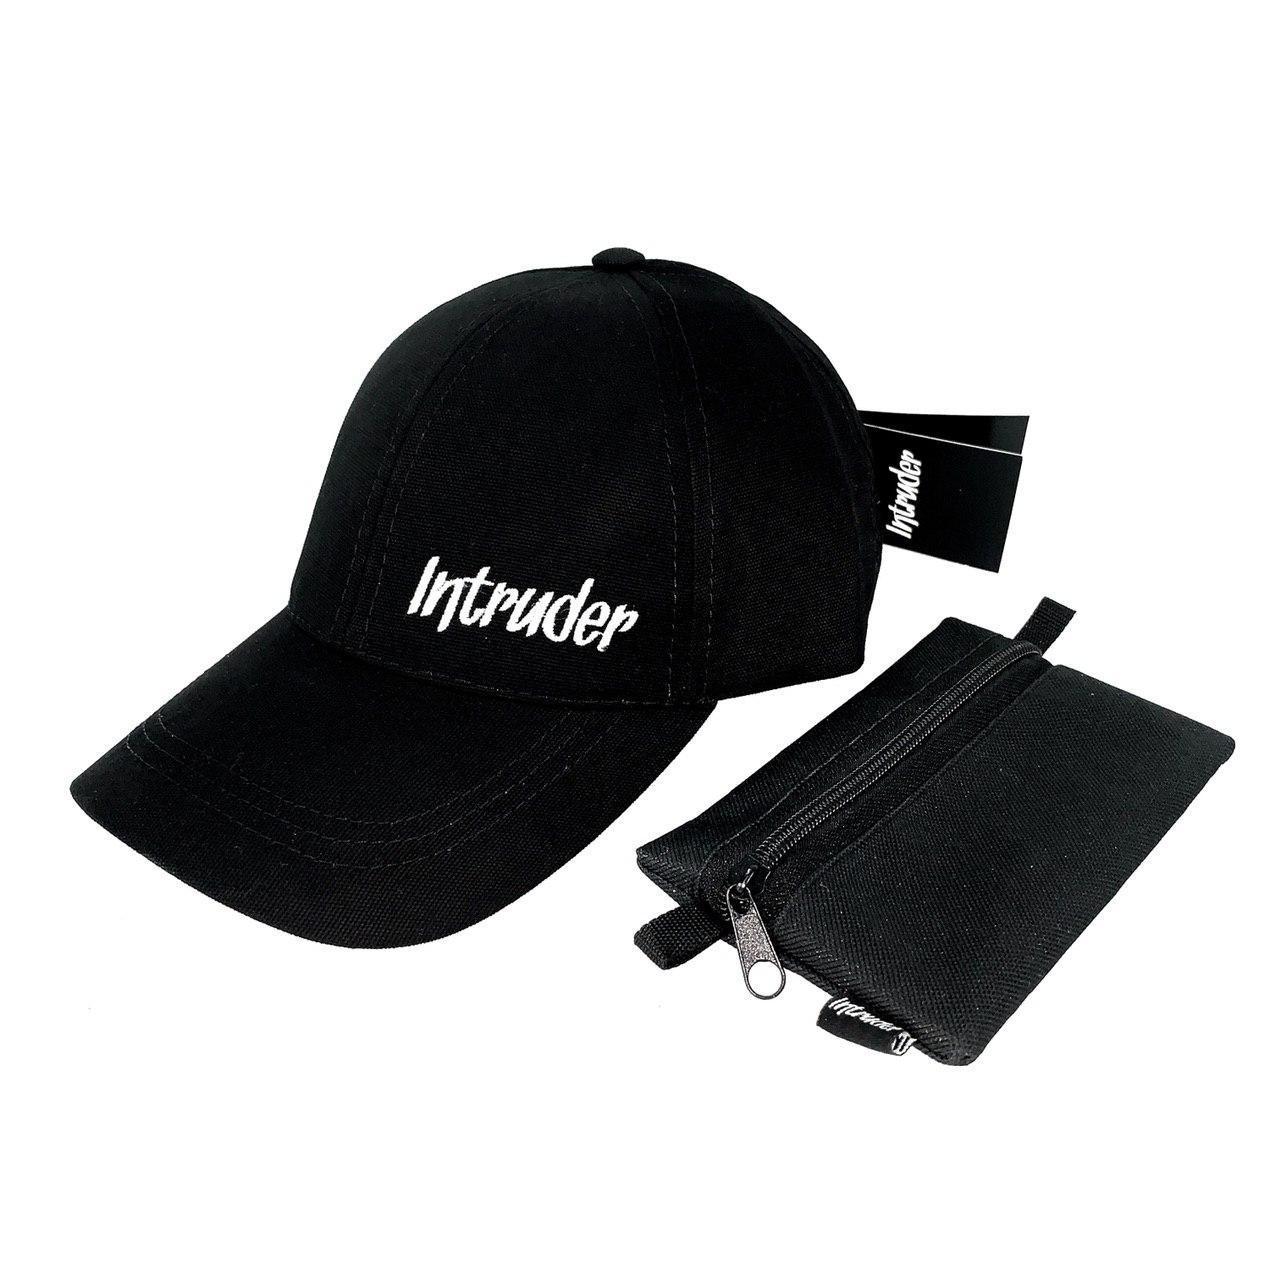 Кепка Intruder мужская | женская черная брендовая + Фирменный подарок